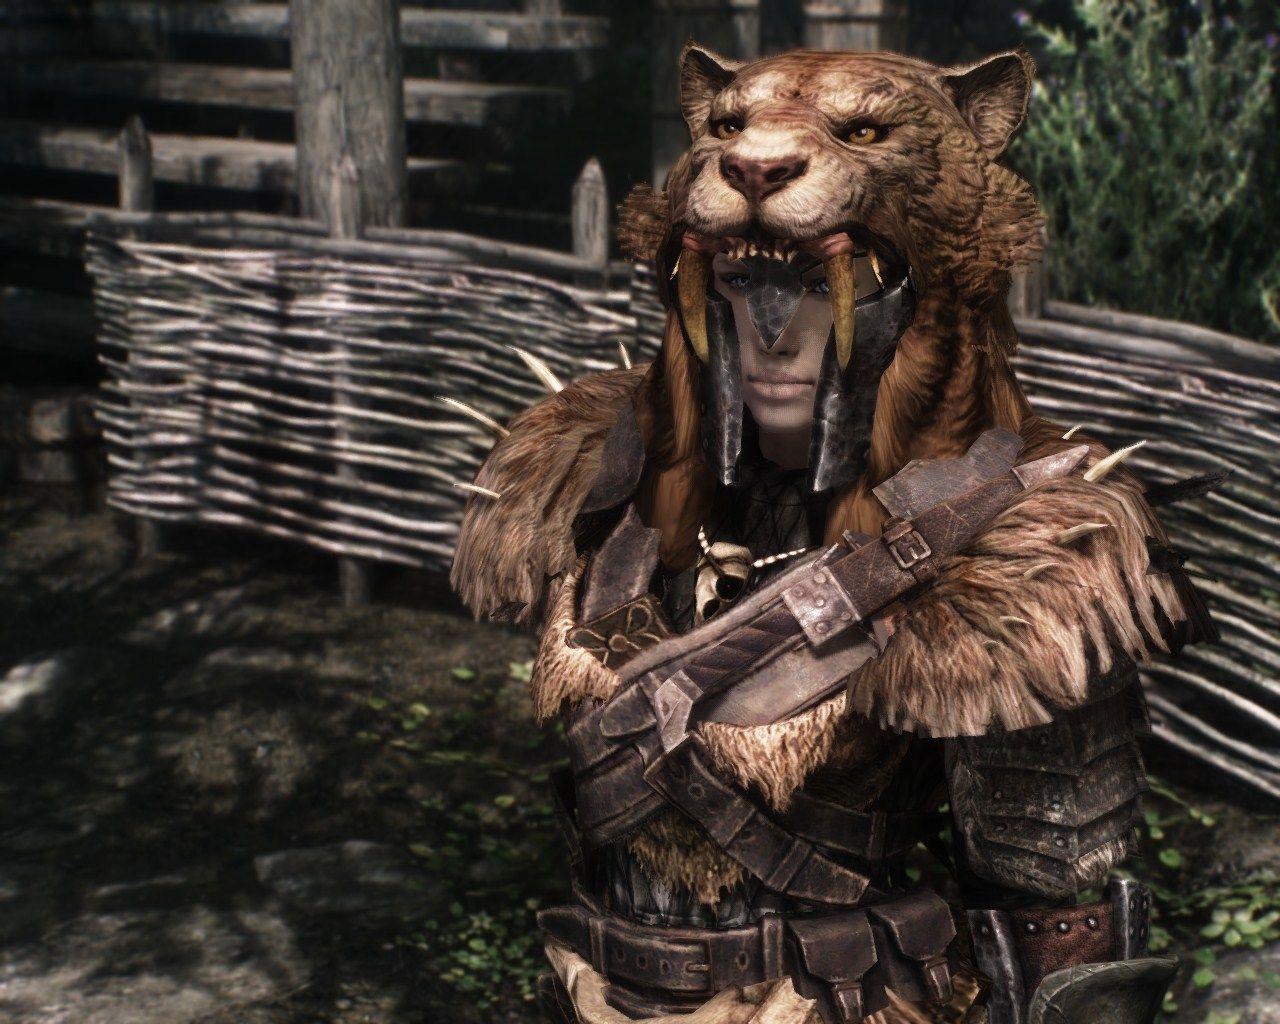 animal pelt armor | armor | Skyrim nexus mods, Skyrim, Elder scrolls